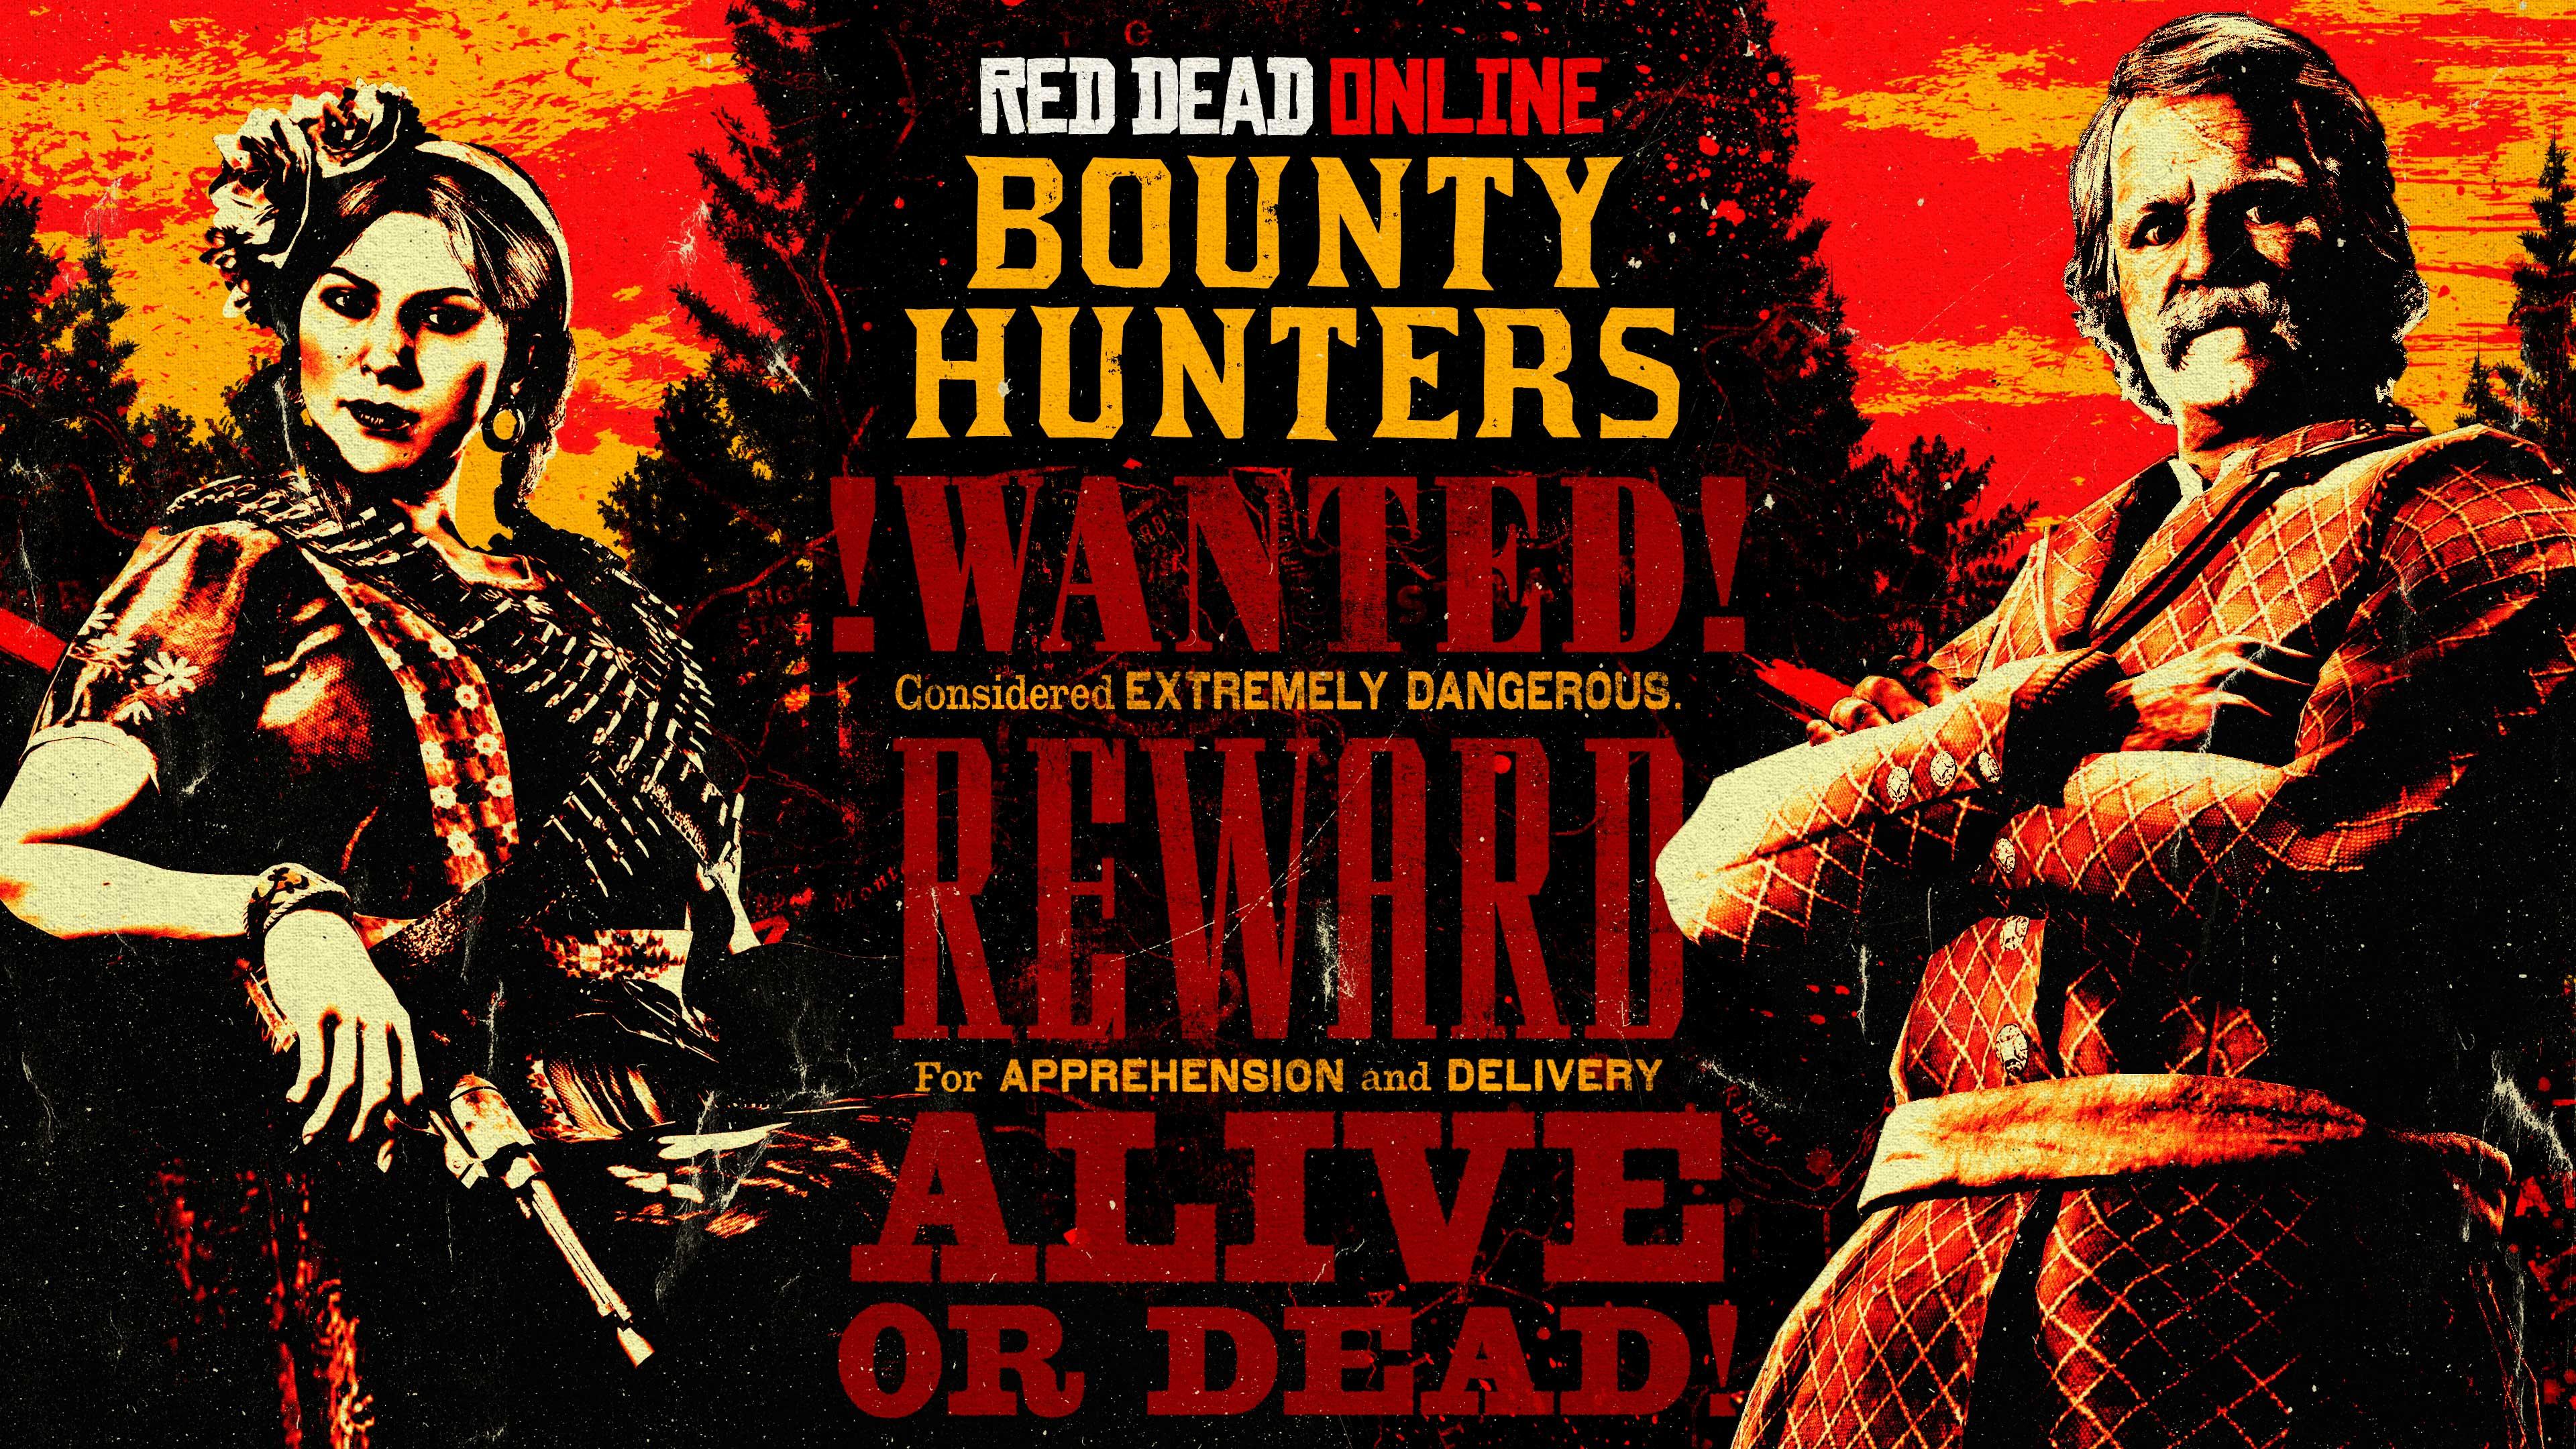 red-dead-online-artwork-62-hd.jpg